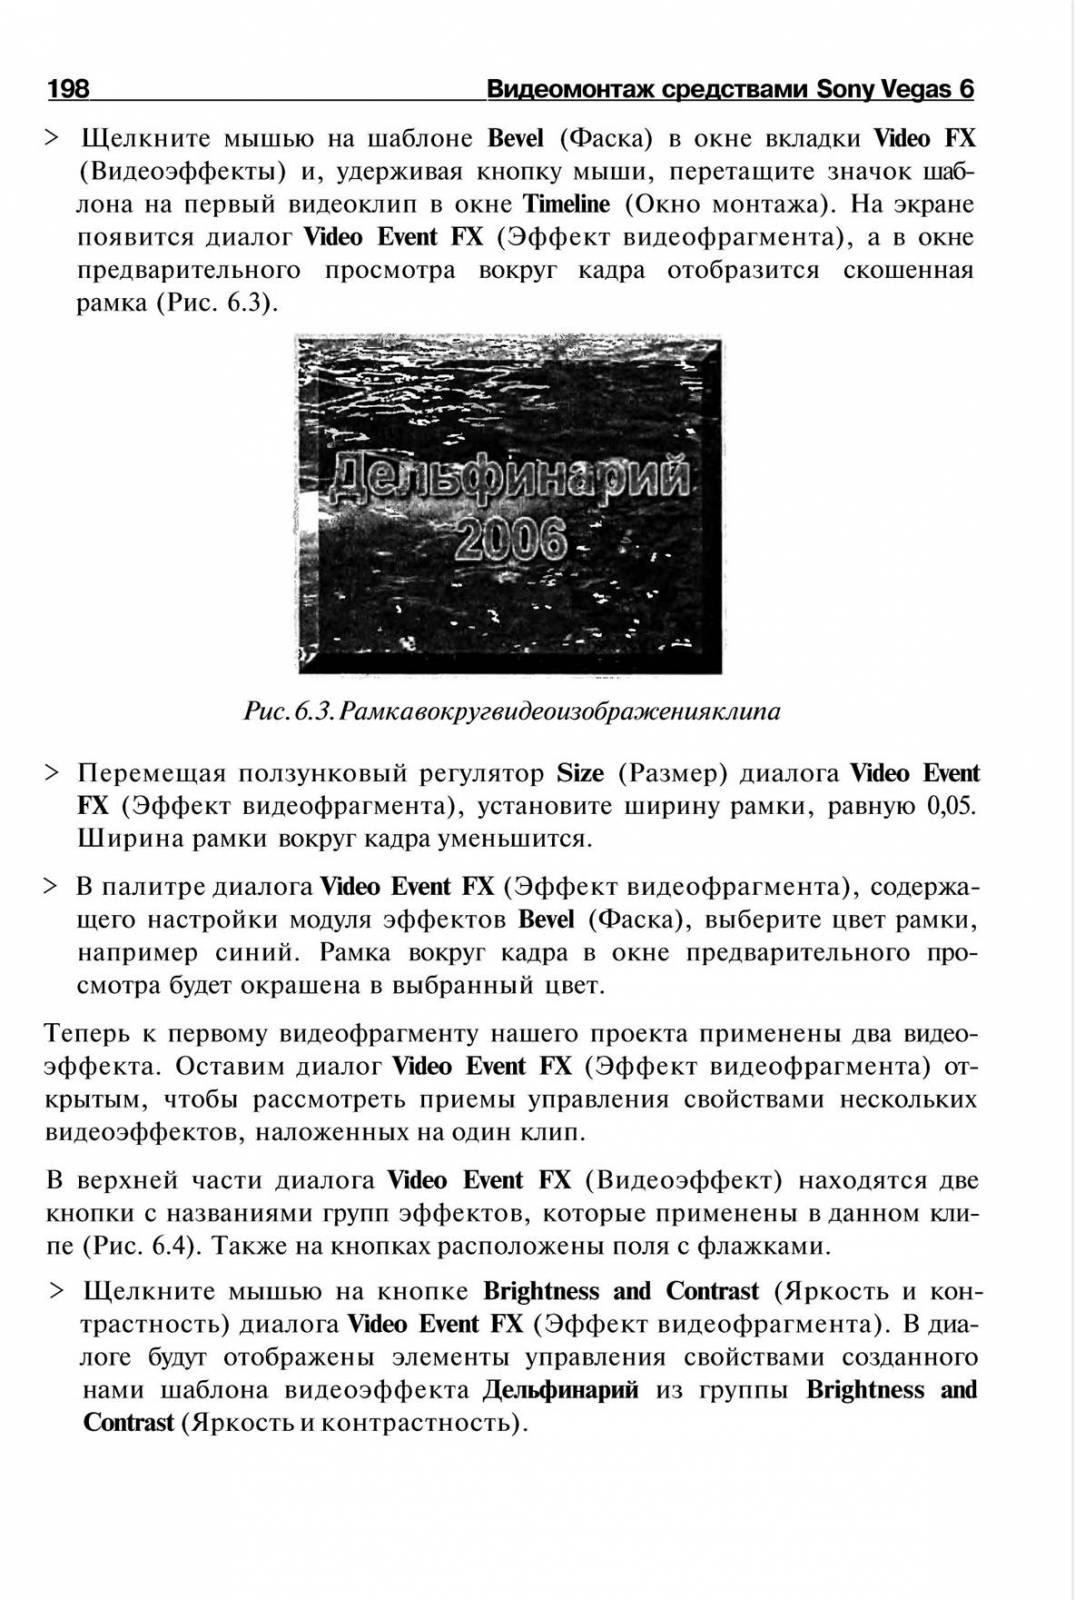 http://redaktori-uroki.3dn.ru/_ph/14/188730244.jpg